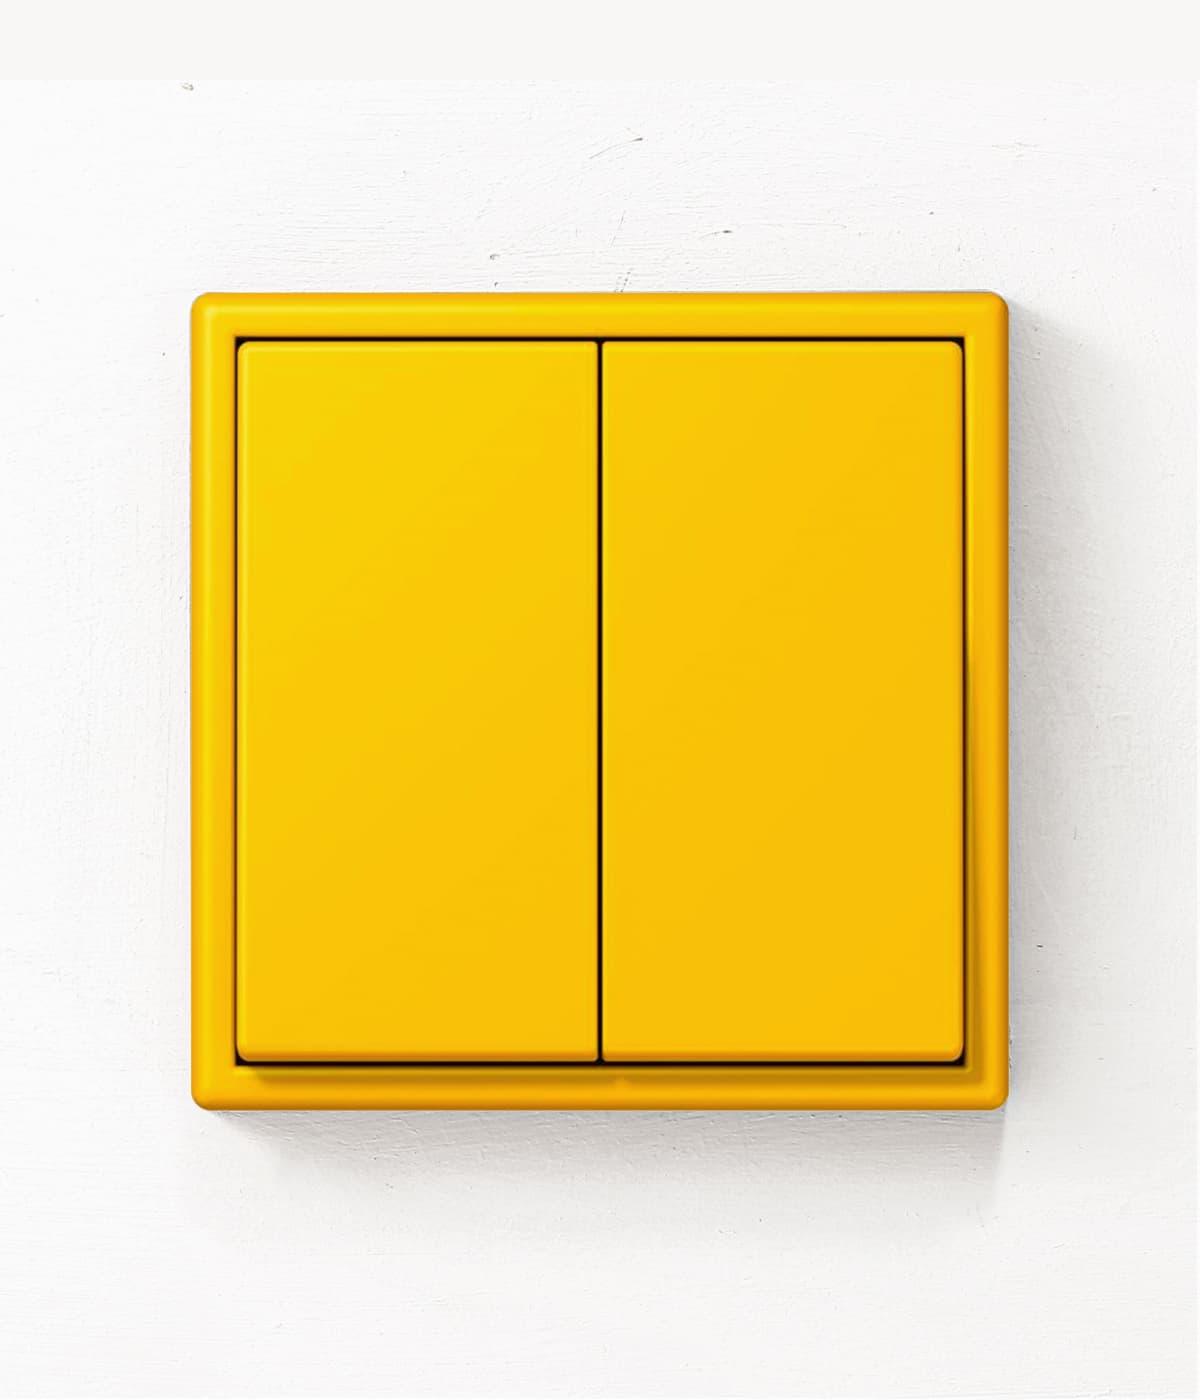 JUNG Les Couleurs Le Jaune Vif light switch